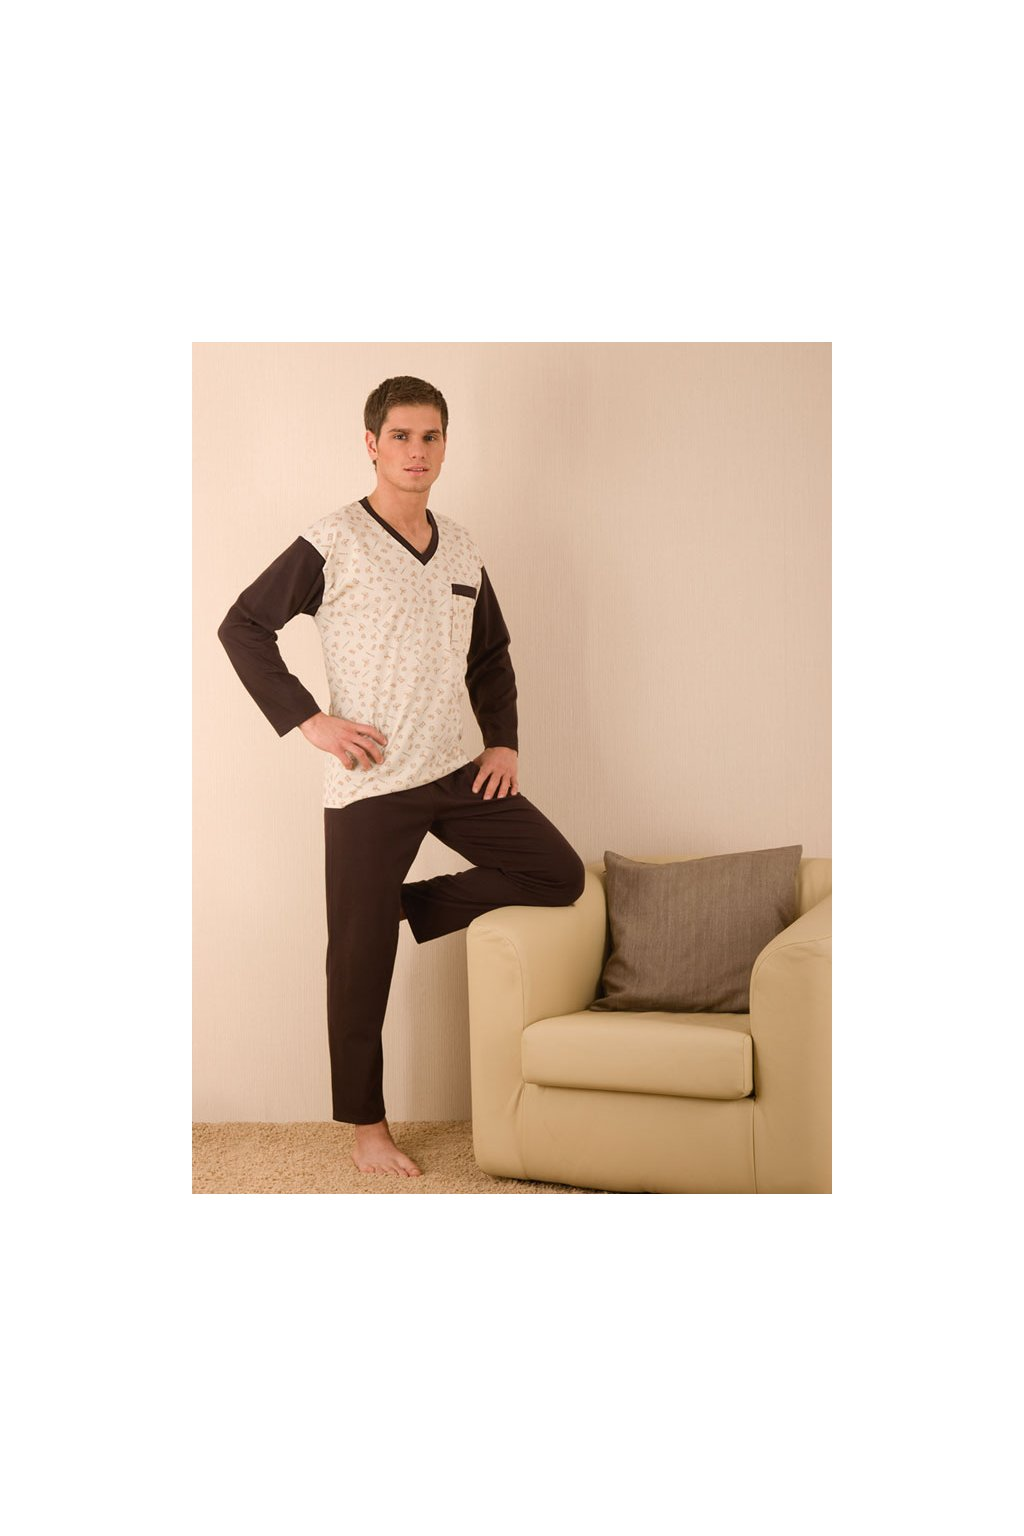 Pánské pyžamo s dlouhým rukávem, 204ERNESTd 516, béžová/hnědá